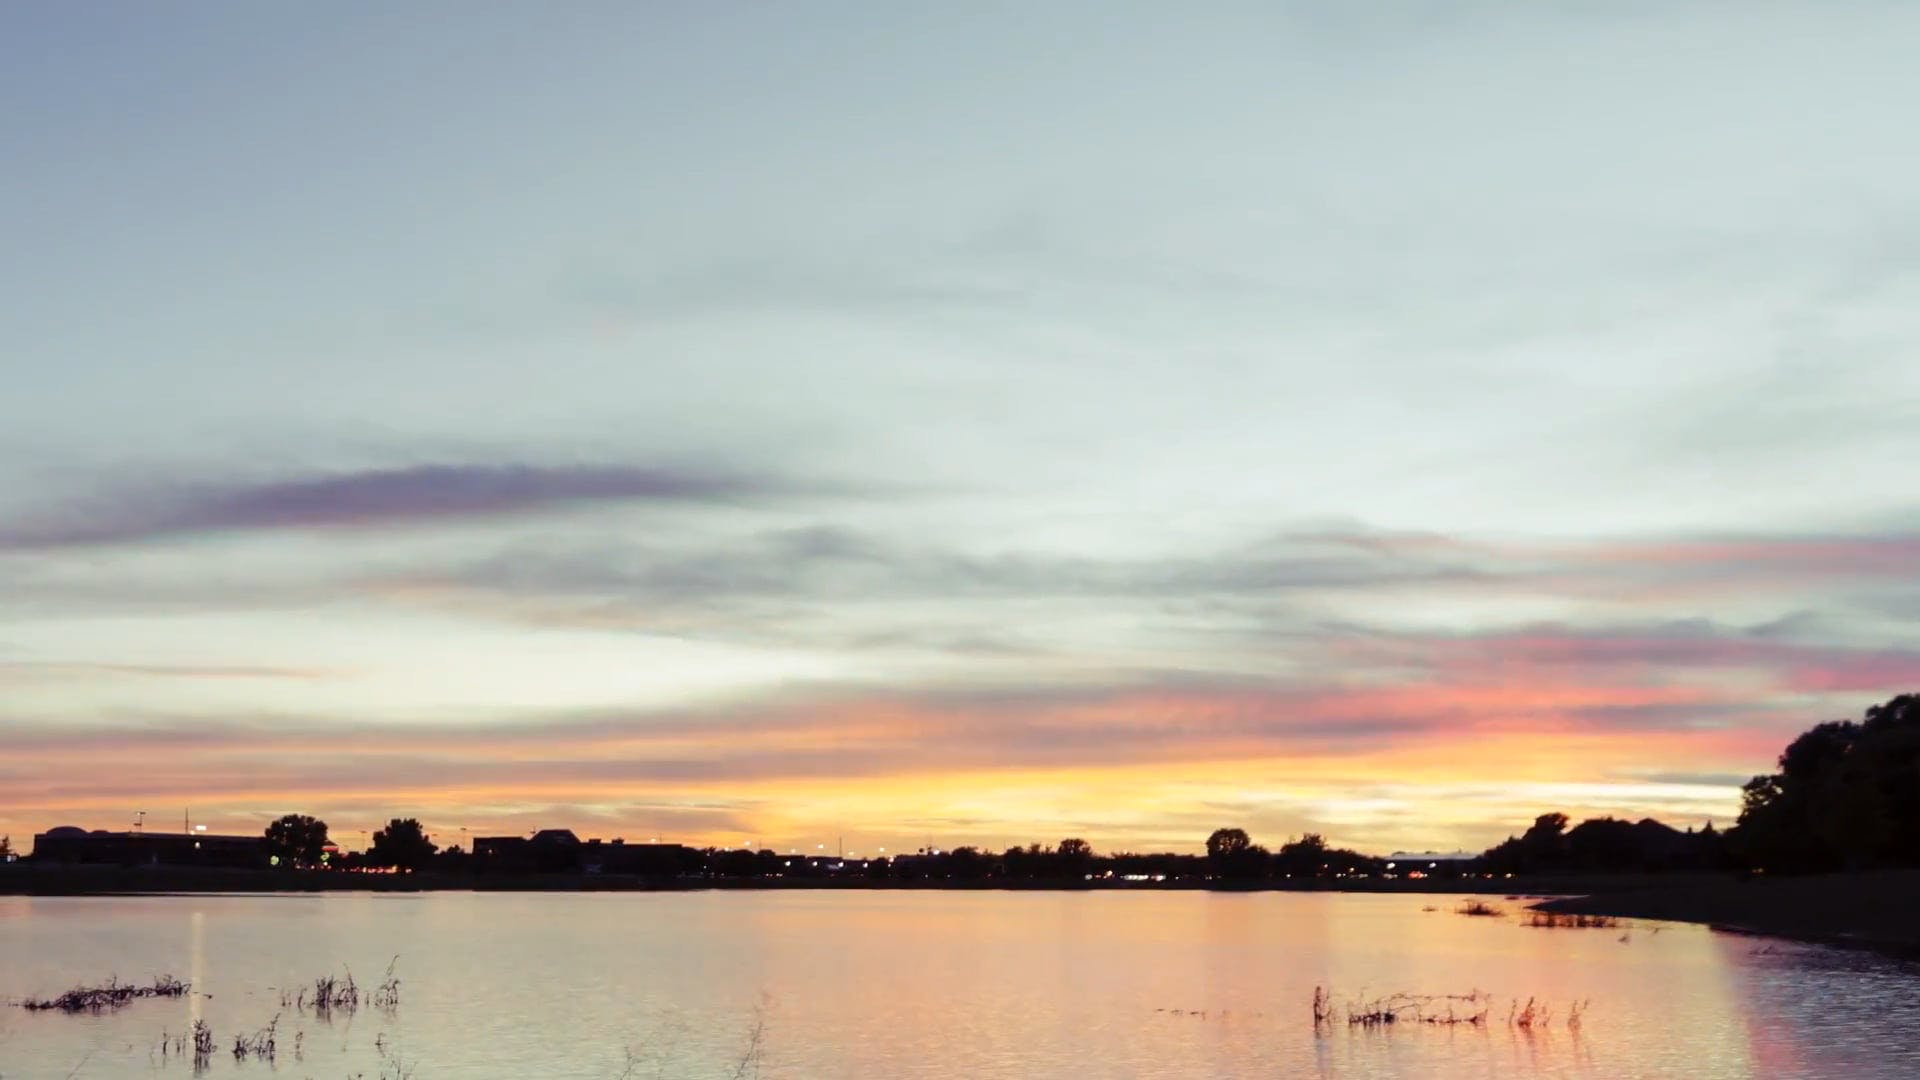 Sunset at a Lake